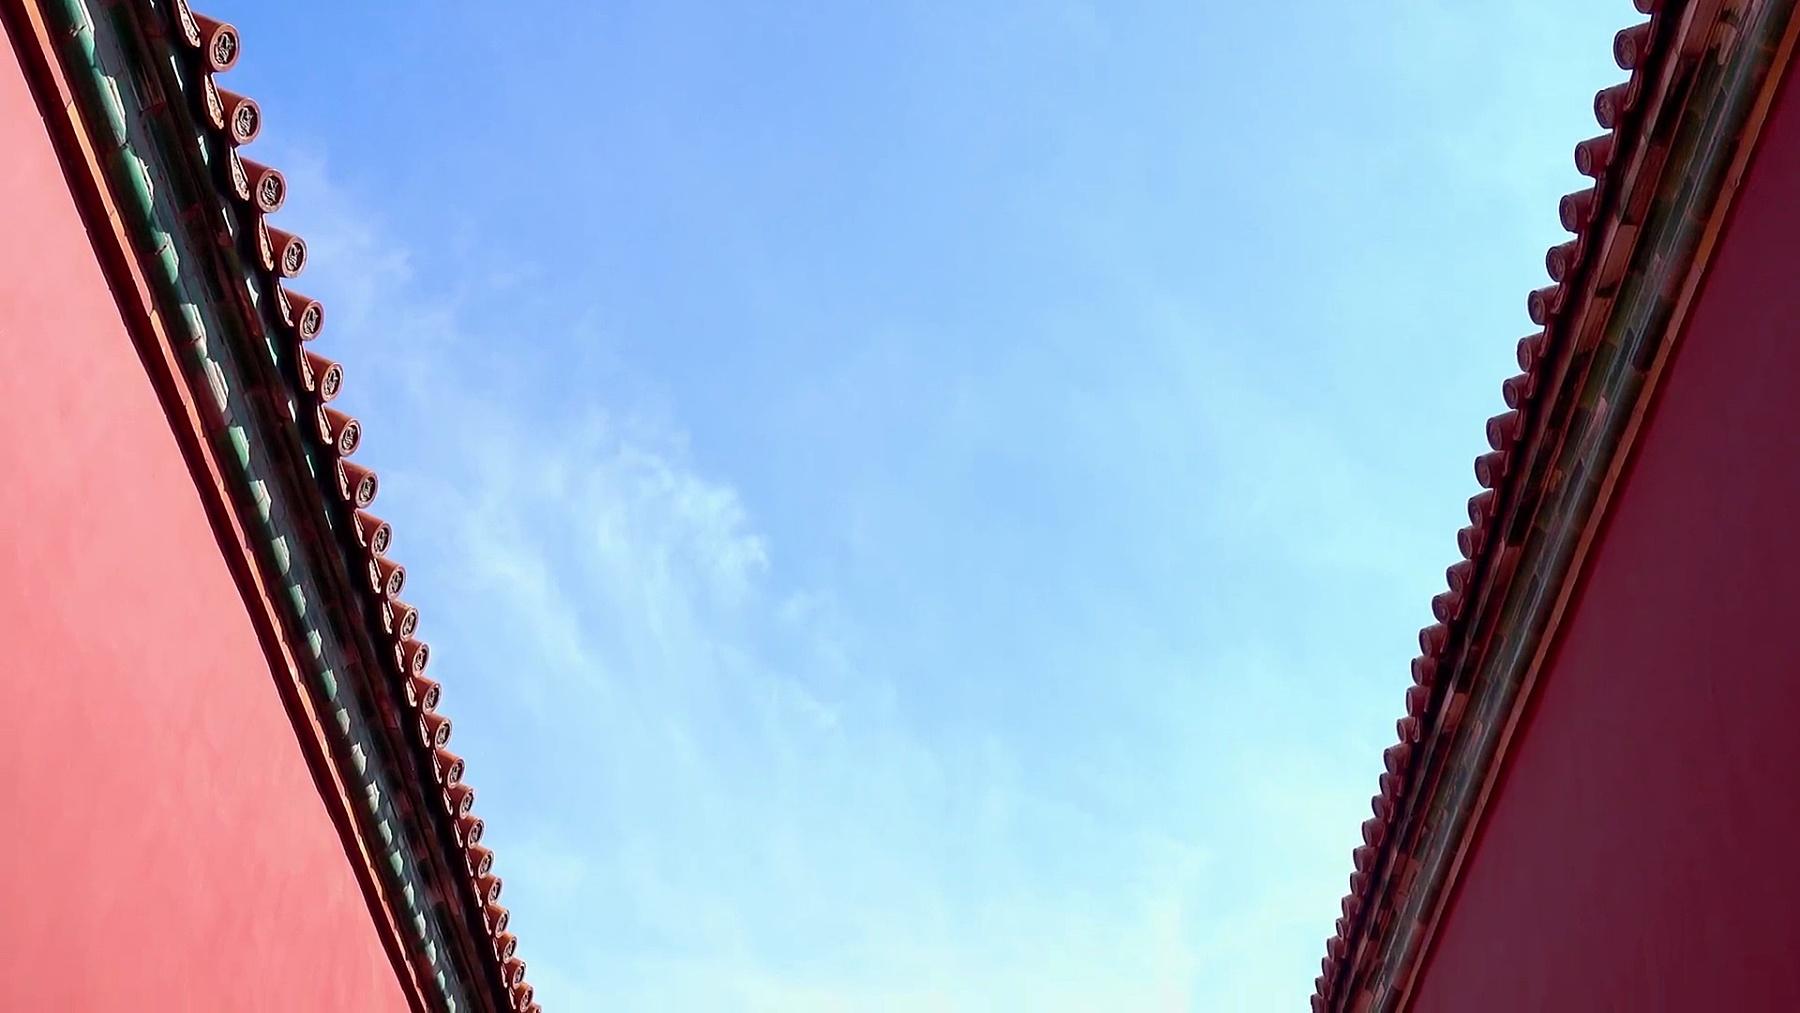 东径近紫禁城内院静寿宫